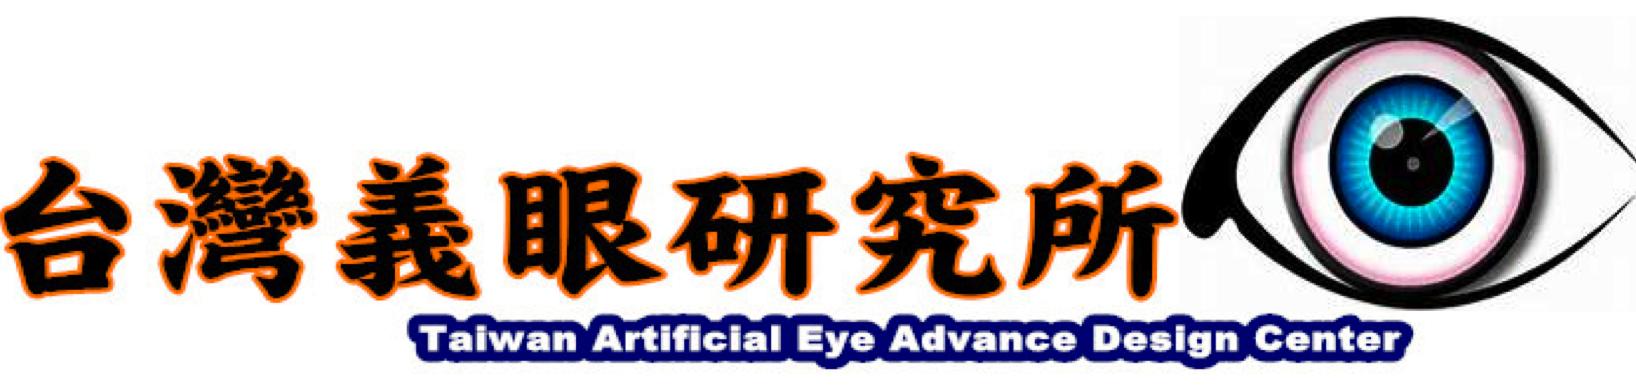 臺灣義眼有限公司